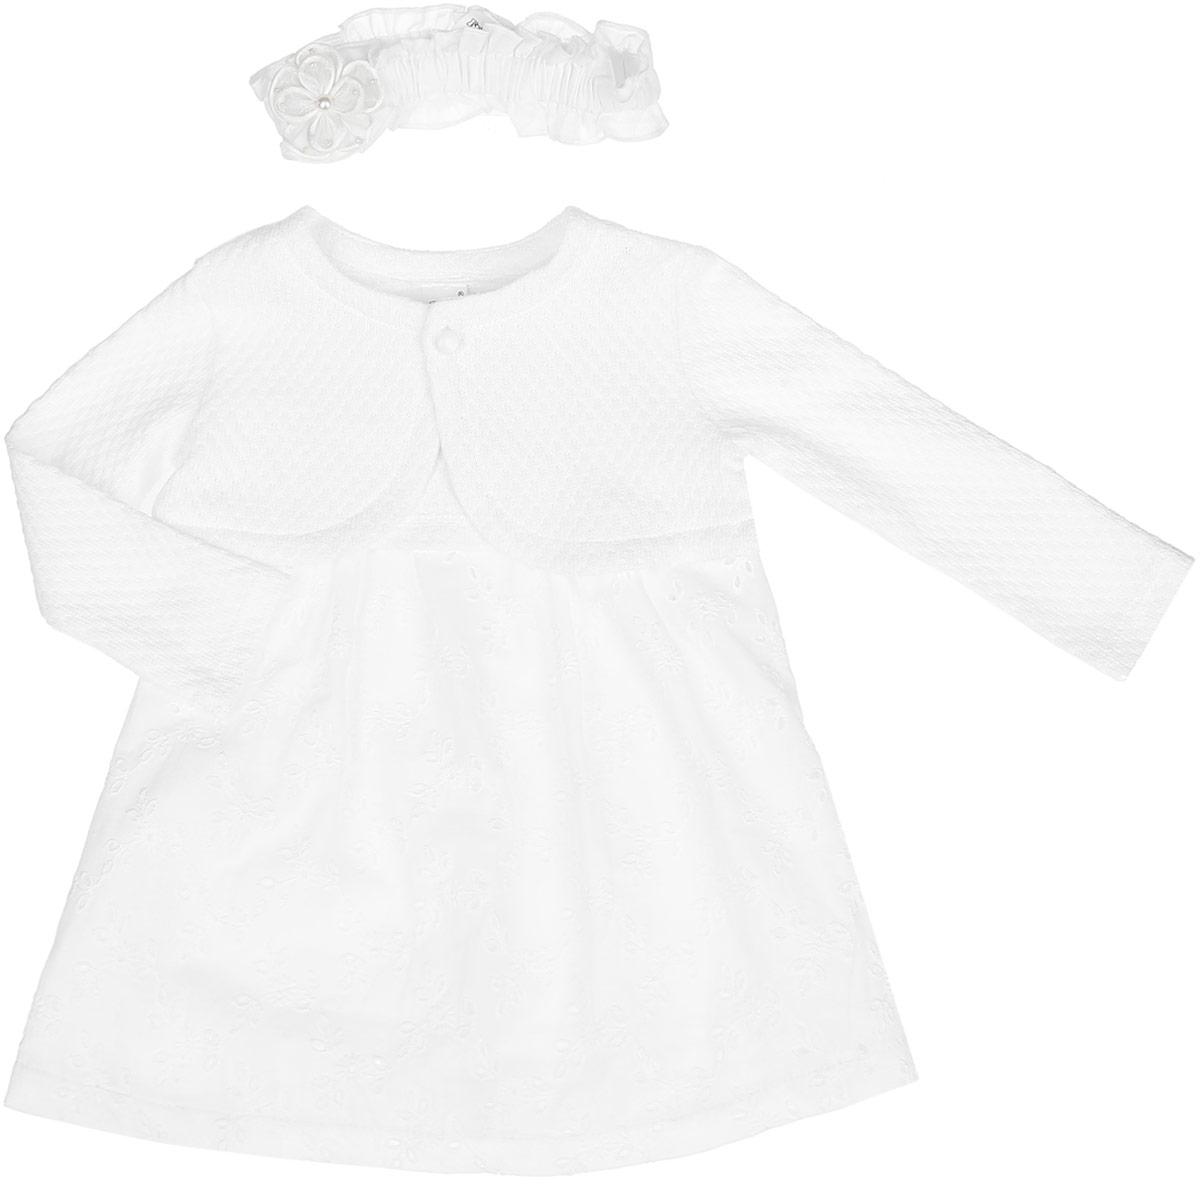 Комплект для девочки: платье, болеро, повязка. KP163KP163-17Комплект для девочки БЕМБІ - это замечательный подарок, который прекрасно подойдет для вашей малышки. Комплект состоит из платья, болеро и повязки на голову. Изготовленный из натурального хлопка, он необычайно мягкий и приятный на ощупь, не сковывает движения малышки и позволяет коже дышать, не раздражает даже самую нежную и чувствительную кожу ребенка, обеспечивая ему наибольший комфорт. Платье с круглым вырезом горловины и без рукавов сзади застегивается на пуговички. Изделие дополнено легкой подкладкой из натурального хлопка. Модель спереди оформлена небольшими складками и атласной лентой с бантом. Болеро с круглым вырезом горловины и длинными рукавами спереди застегивается на небольшую пуговичку. Повязка- симпатичный аксессуар, который защитит голову от яркого солнца или возьмет на себя функцию ободка. Модель дополнена резинкой и оформлена оригинальным пришитым цветочком. В таком комплекте ваша малышка будет чувствовать себя комфортно, уютно и всегда будет...